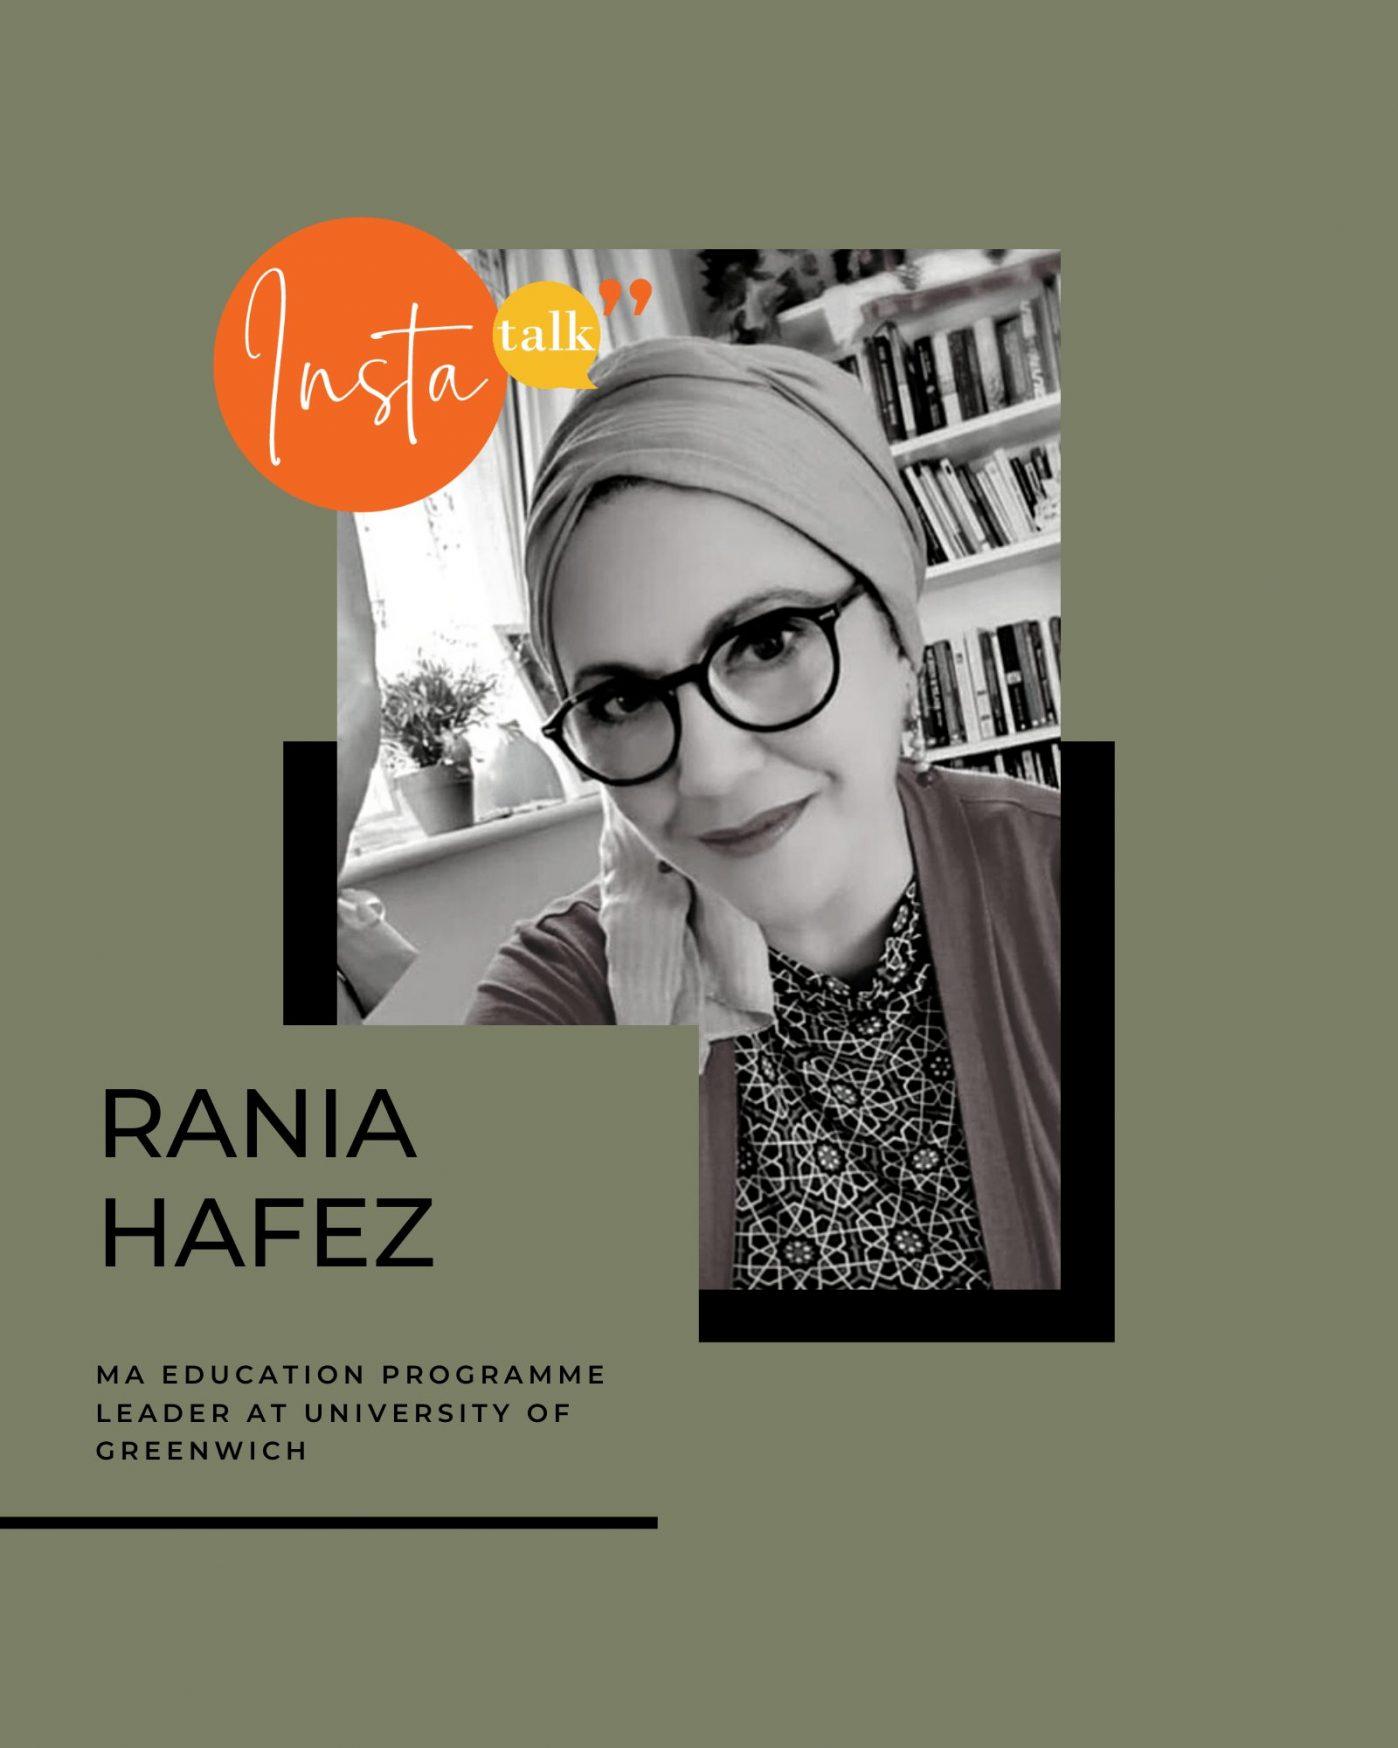 Rania Hafez